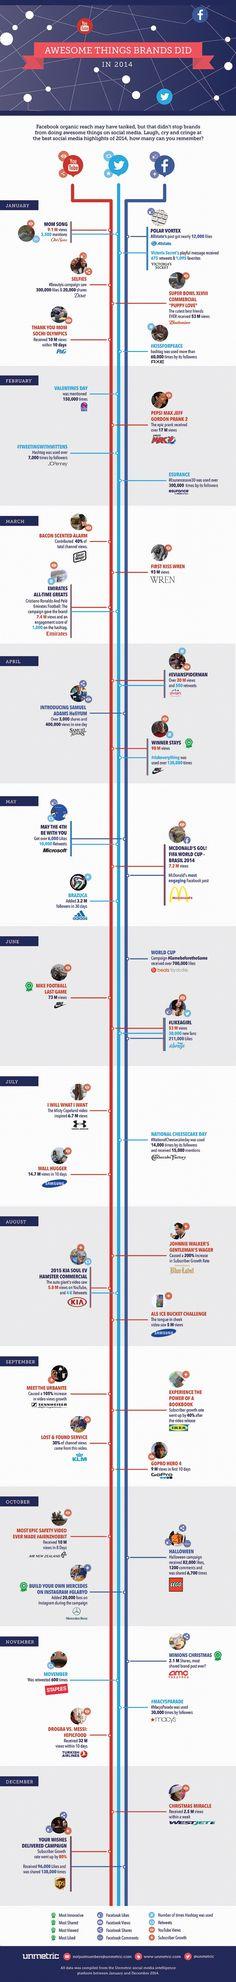 Deze Infographic geeft een overzicht van de awesome acties van merken waar we in 2014 van hebben kunnen genieten. Kunnen we 2014 overtreffen? En aan welke acties heb jij deelgenomen of extra van genoten? Op 42Bis delen we dagelijks de meest interessante infographics die we tegenkomen. Dikke kans dat er